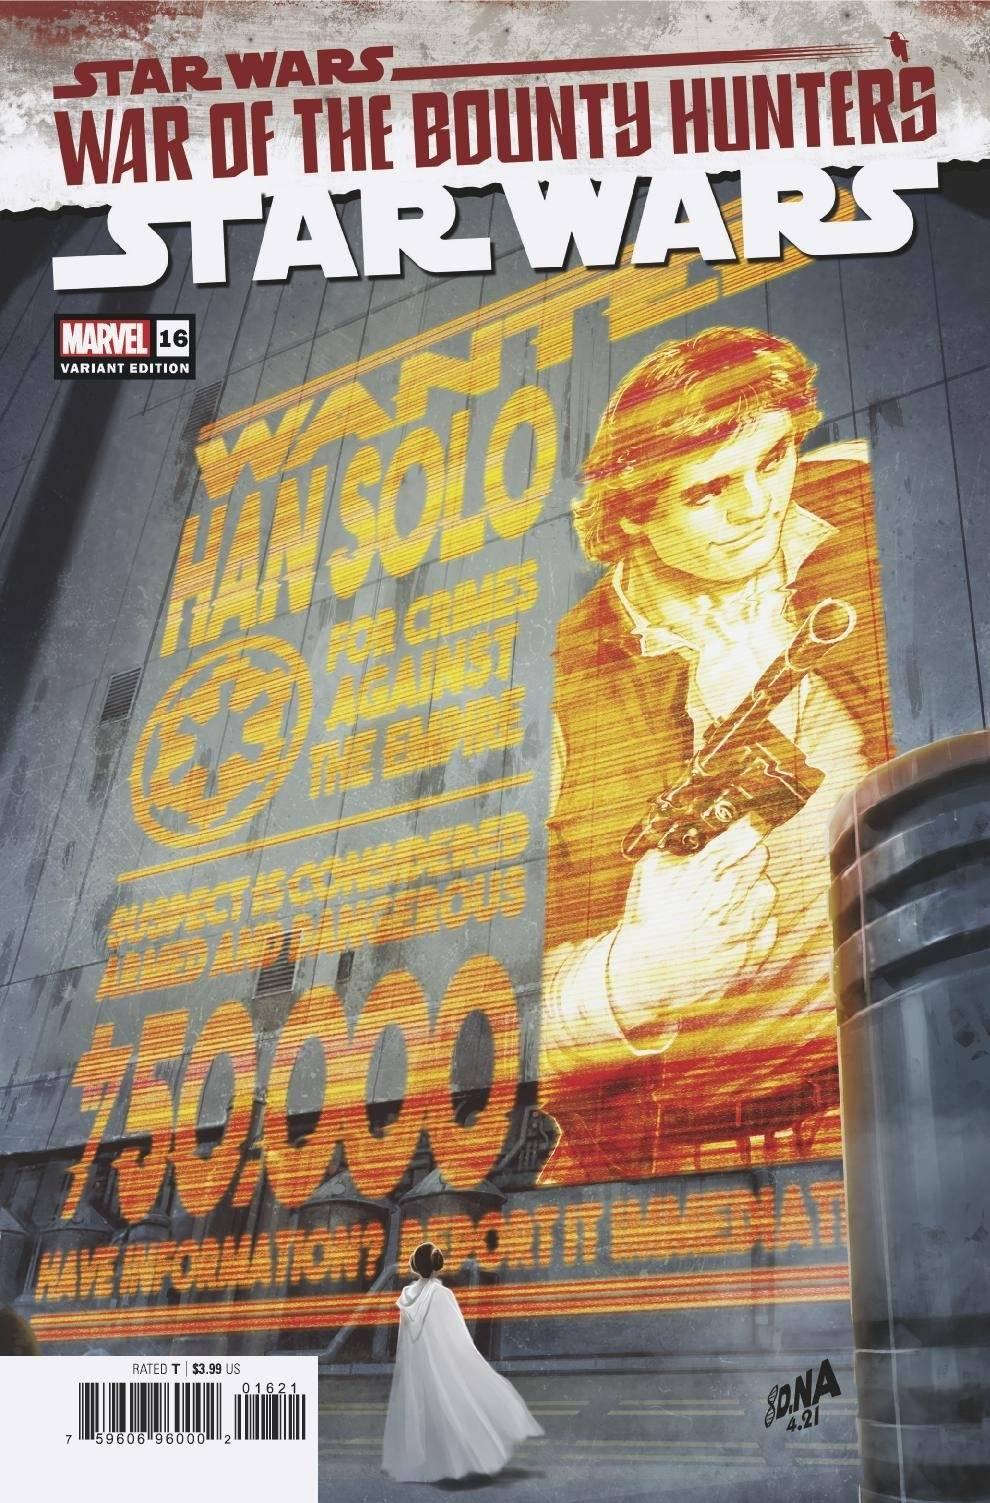 Star Wars #16 (David Nakayama Wanted Poster Variant Cover) (18.08.2021)